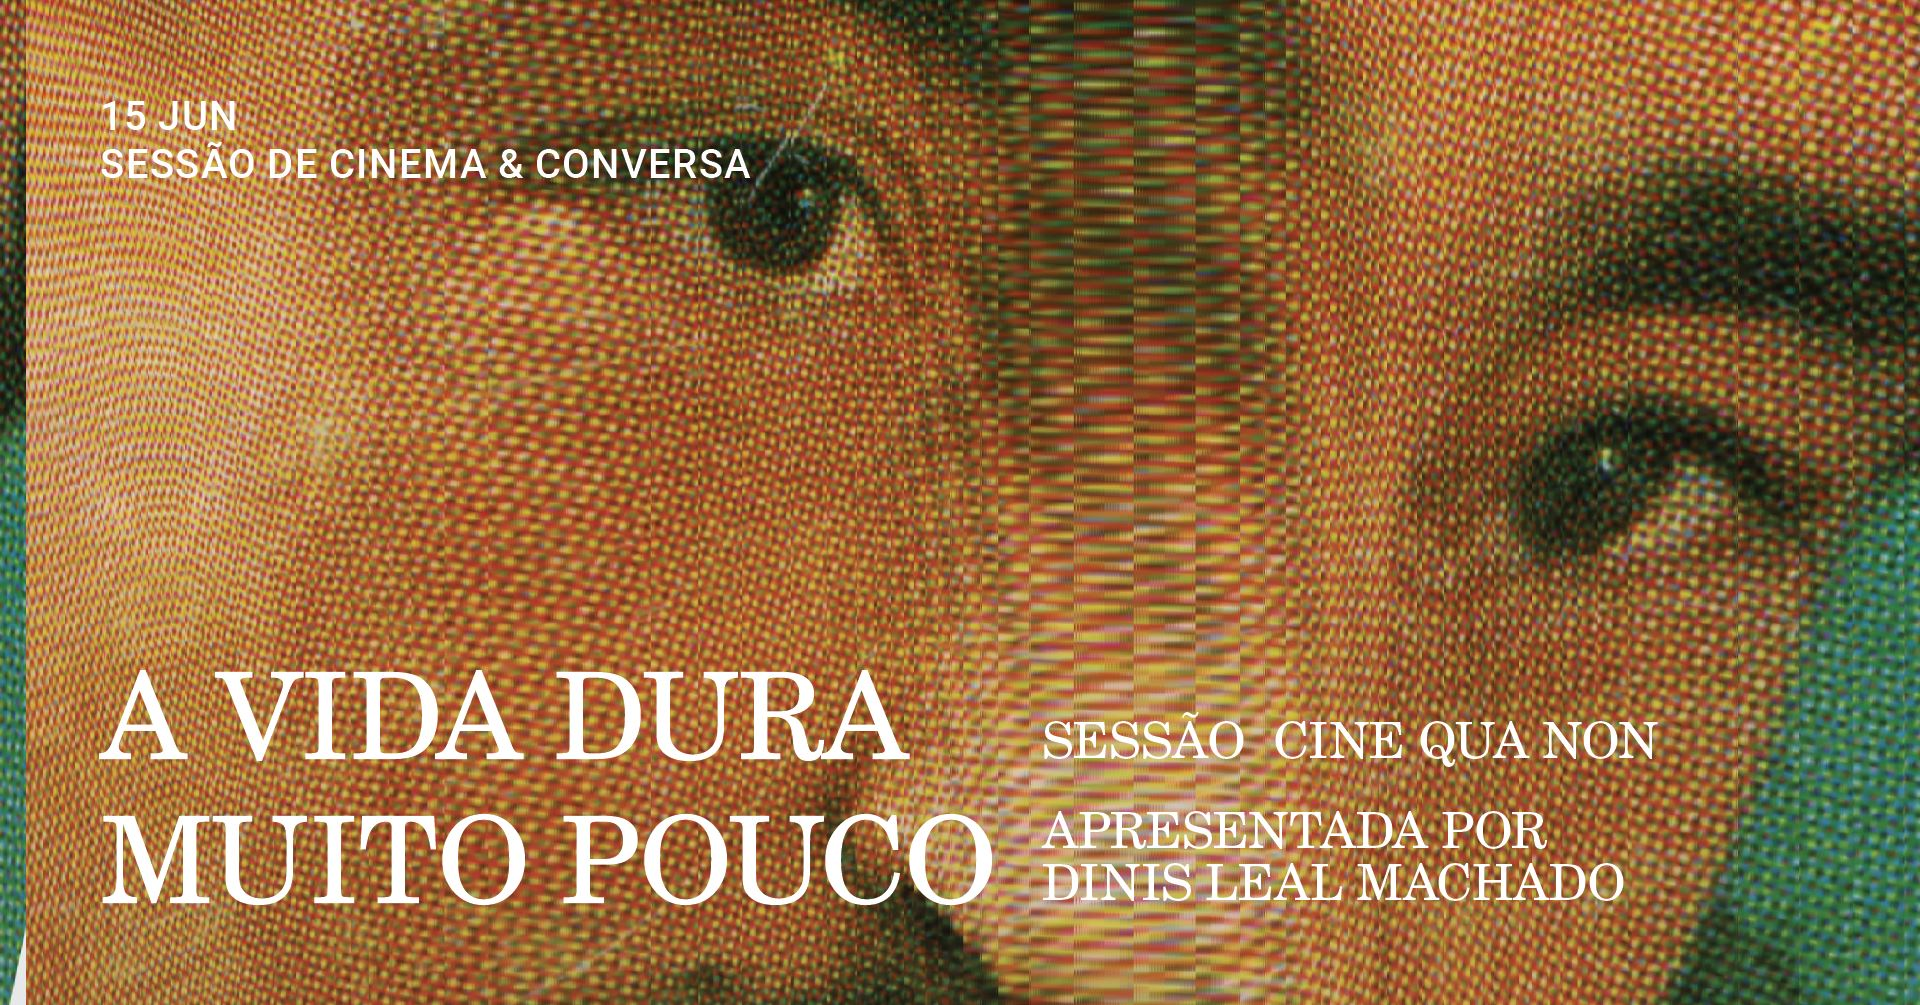 """Cine Qua Non: Dinis Leal Machado apresenta """"A Vida Dura Muito Pouco"""""""